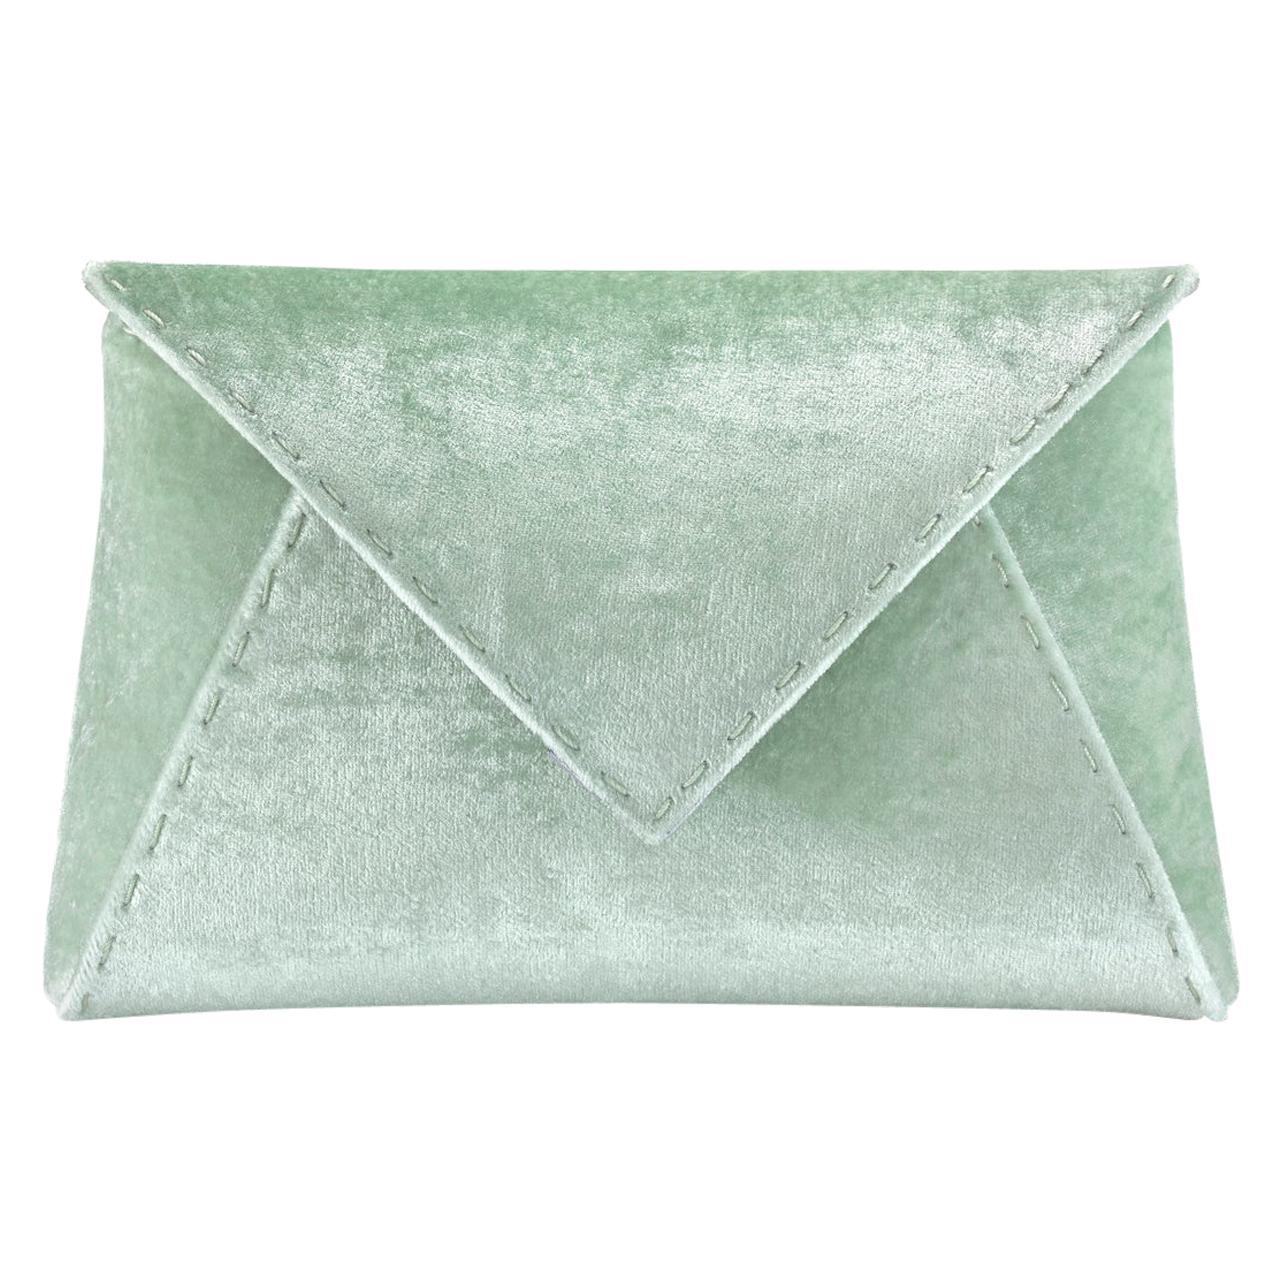 TYLER ELLIS Lee Pouchet Small Light Green Crushed Velvet Gunmetal Hardware